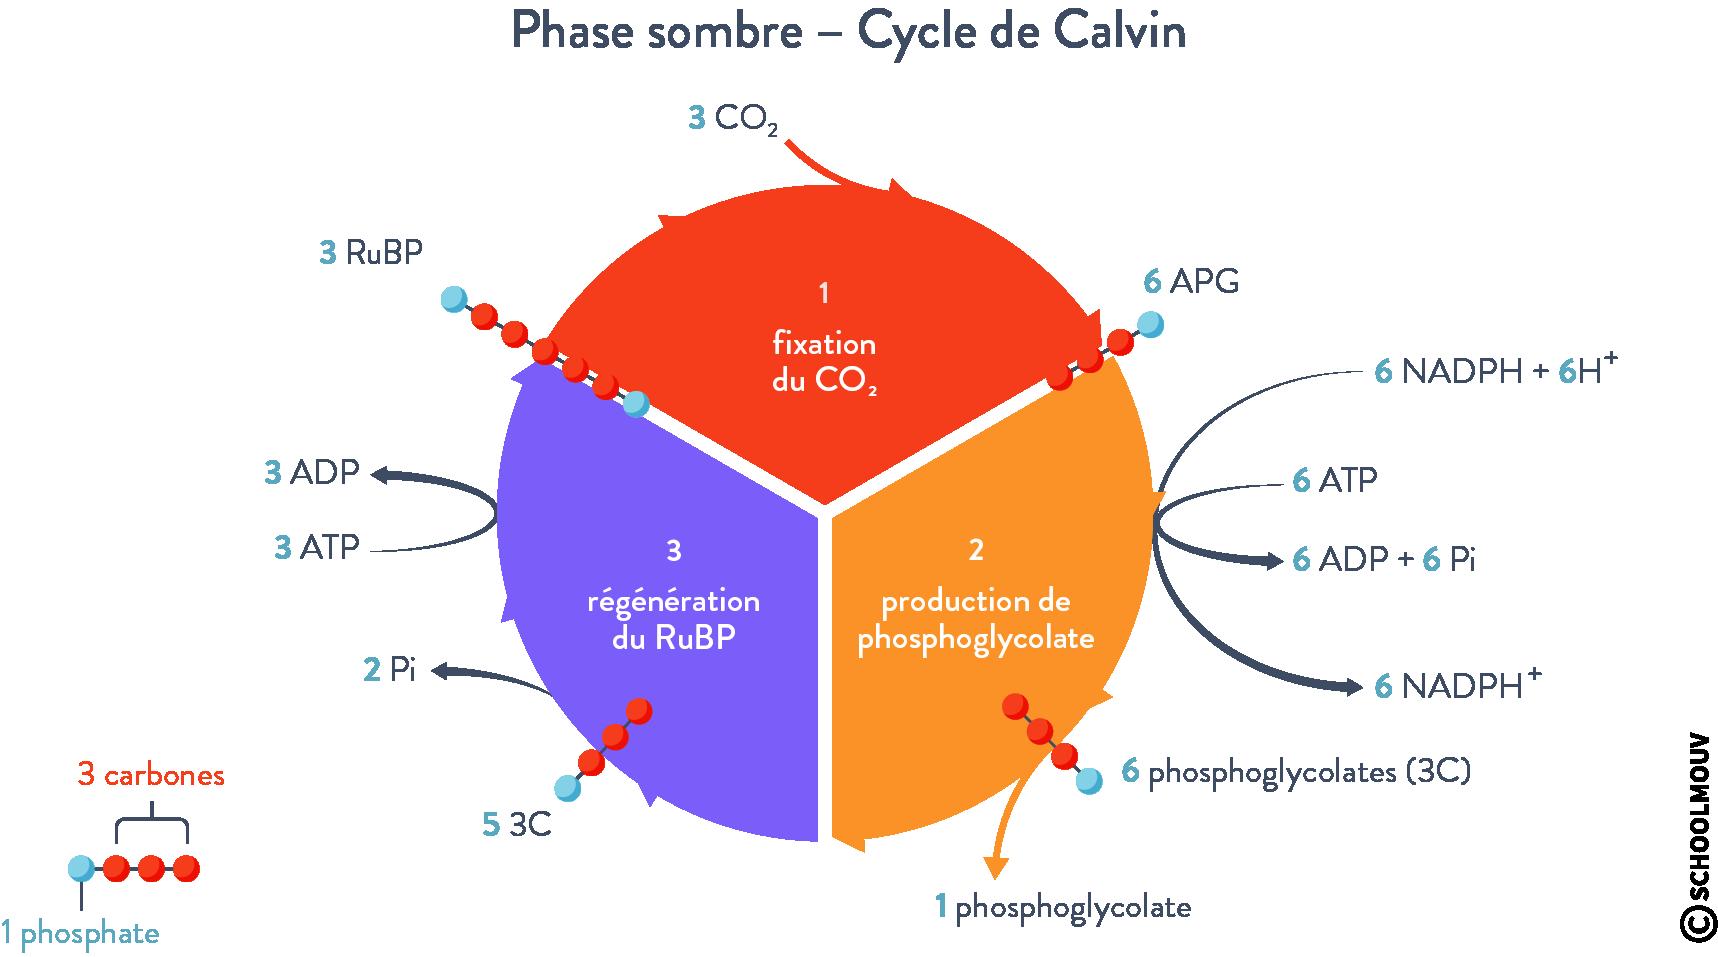 Phase sombre Cycle de Calvin